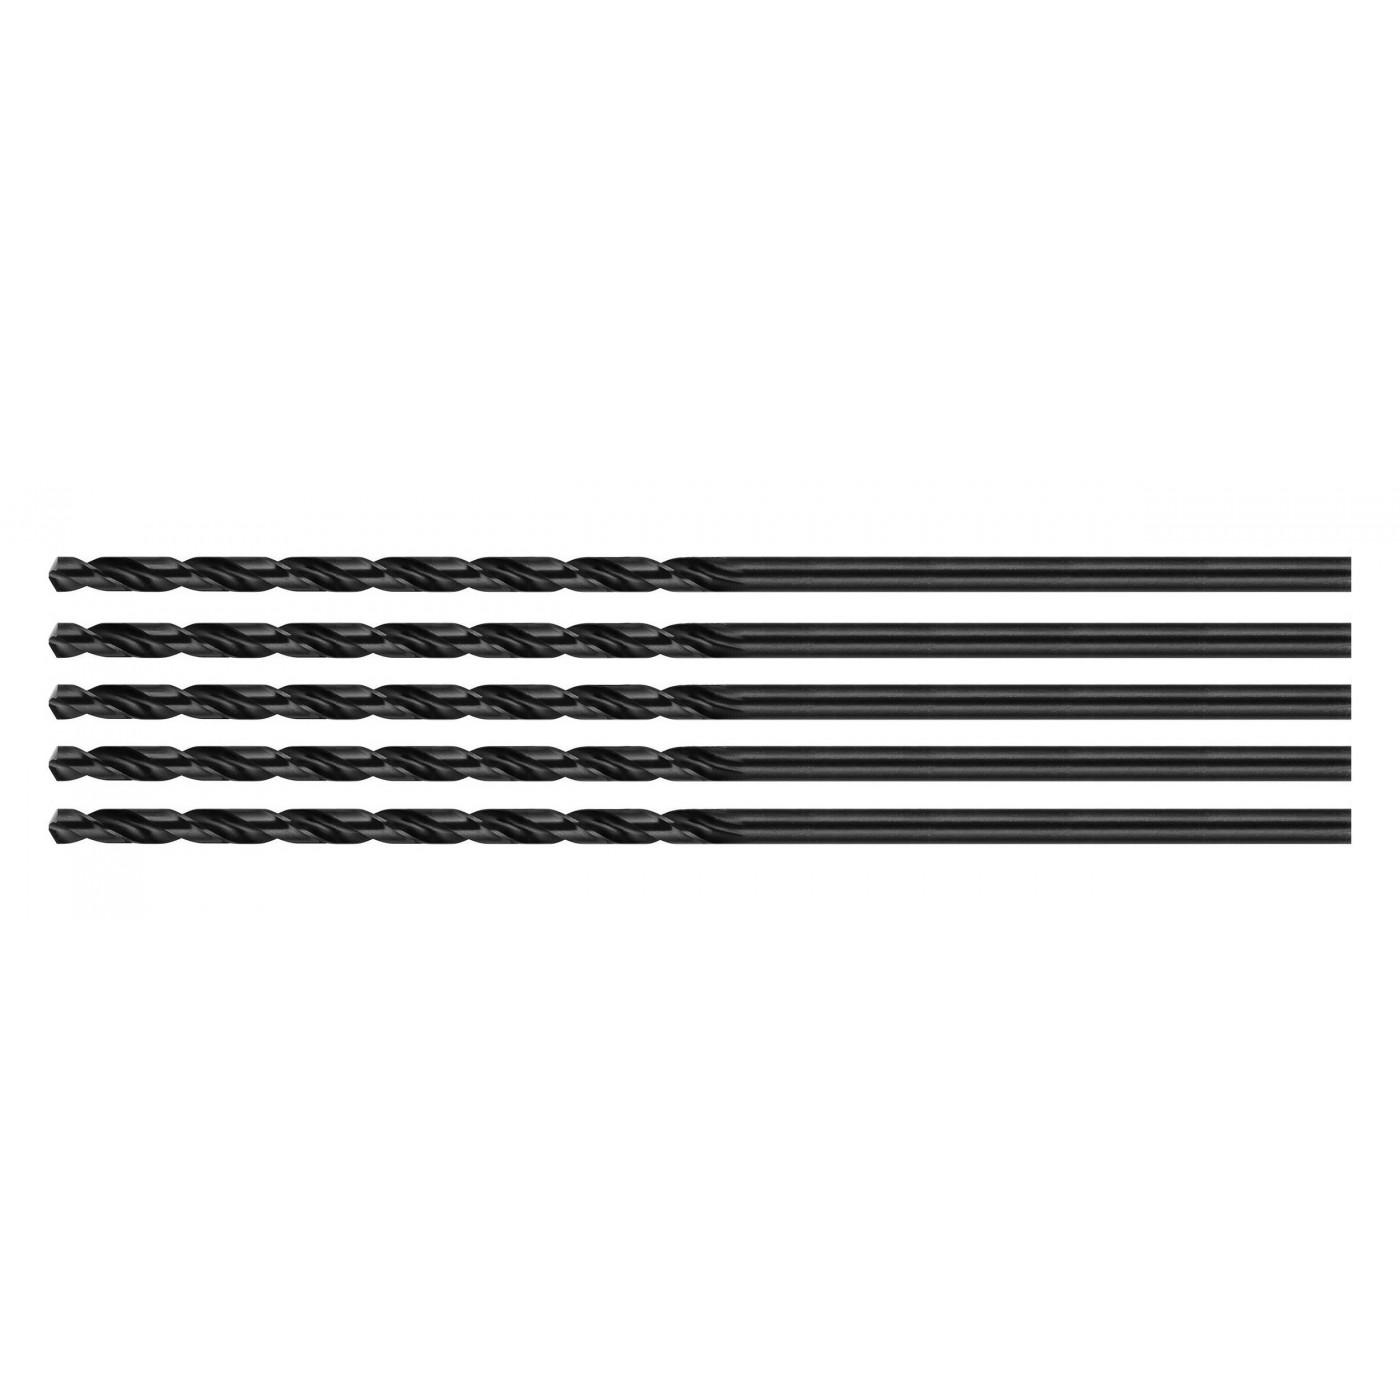 Set von 5 Metallbohrern (HSS, 4,2x200 mm)  - 1